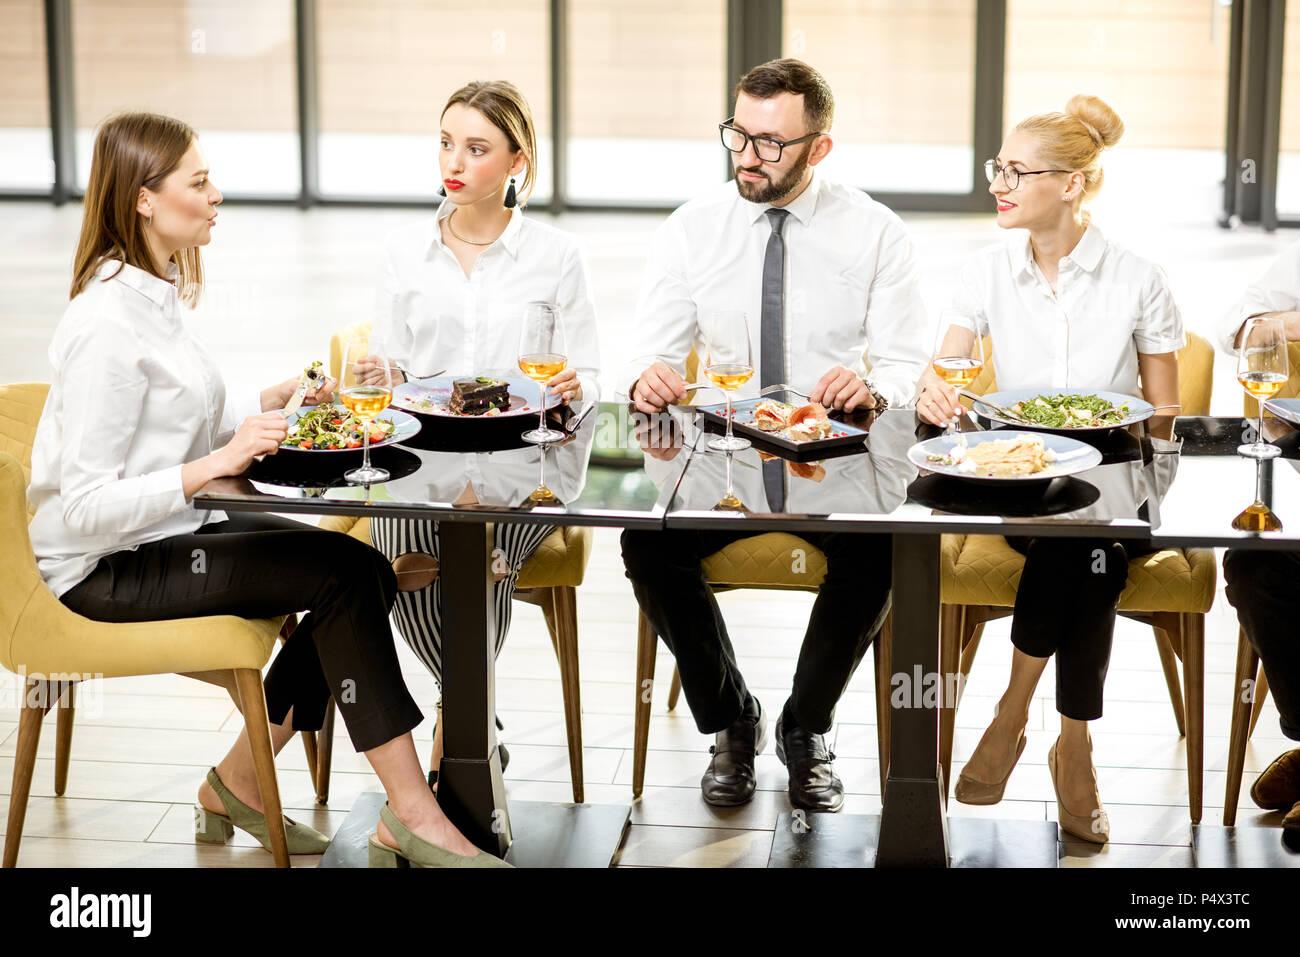 Les gens d'affaires au cours d'un déjeuner au restaurant Photo Stock